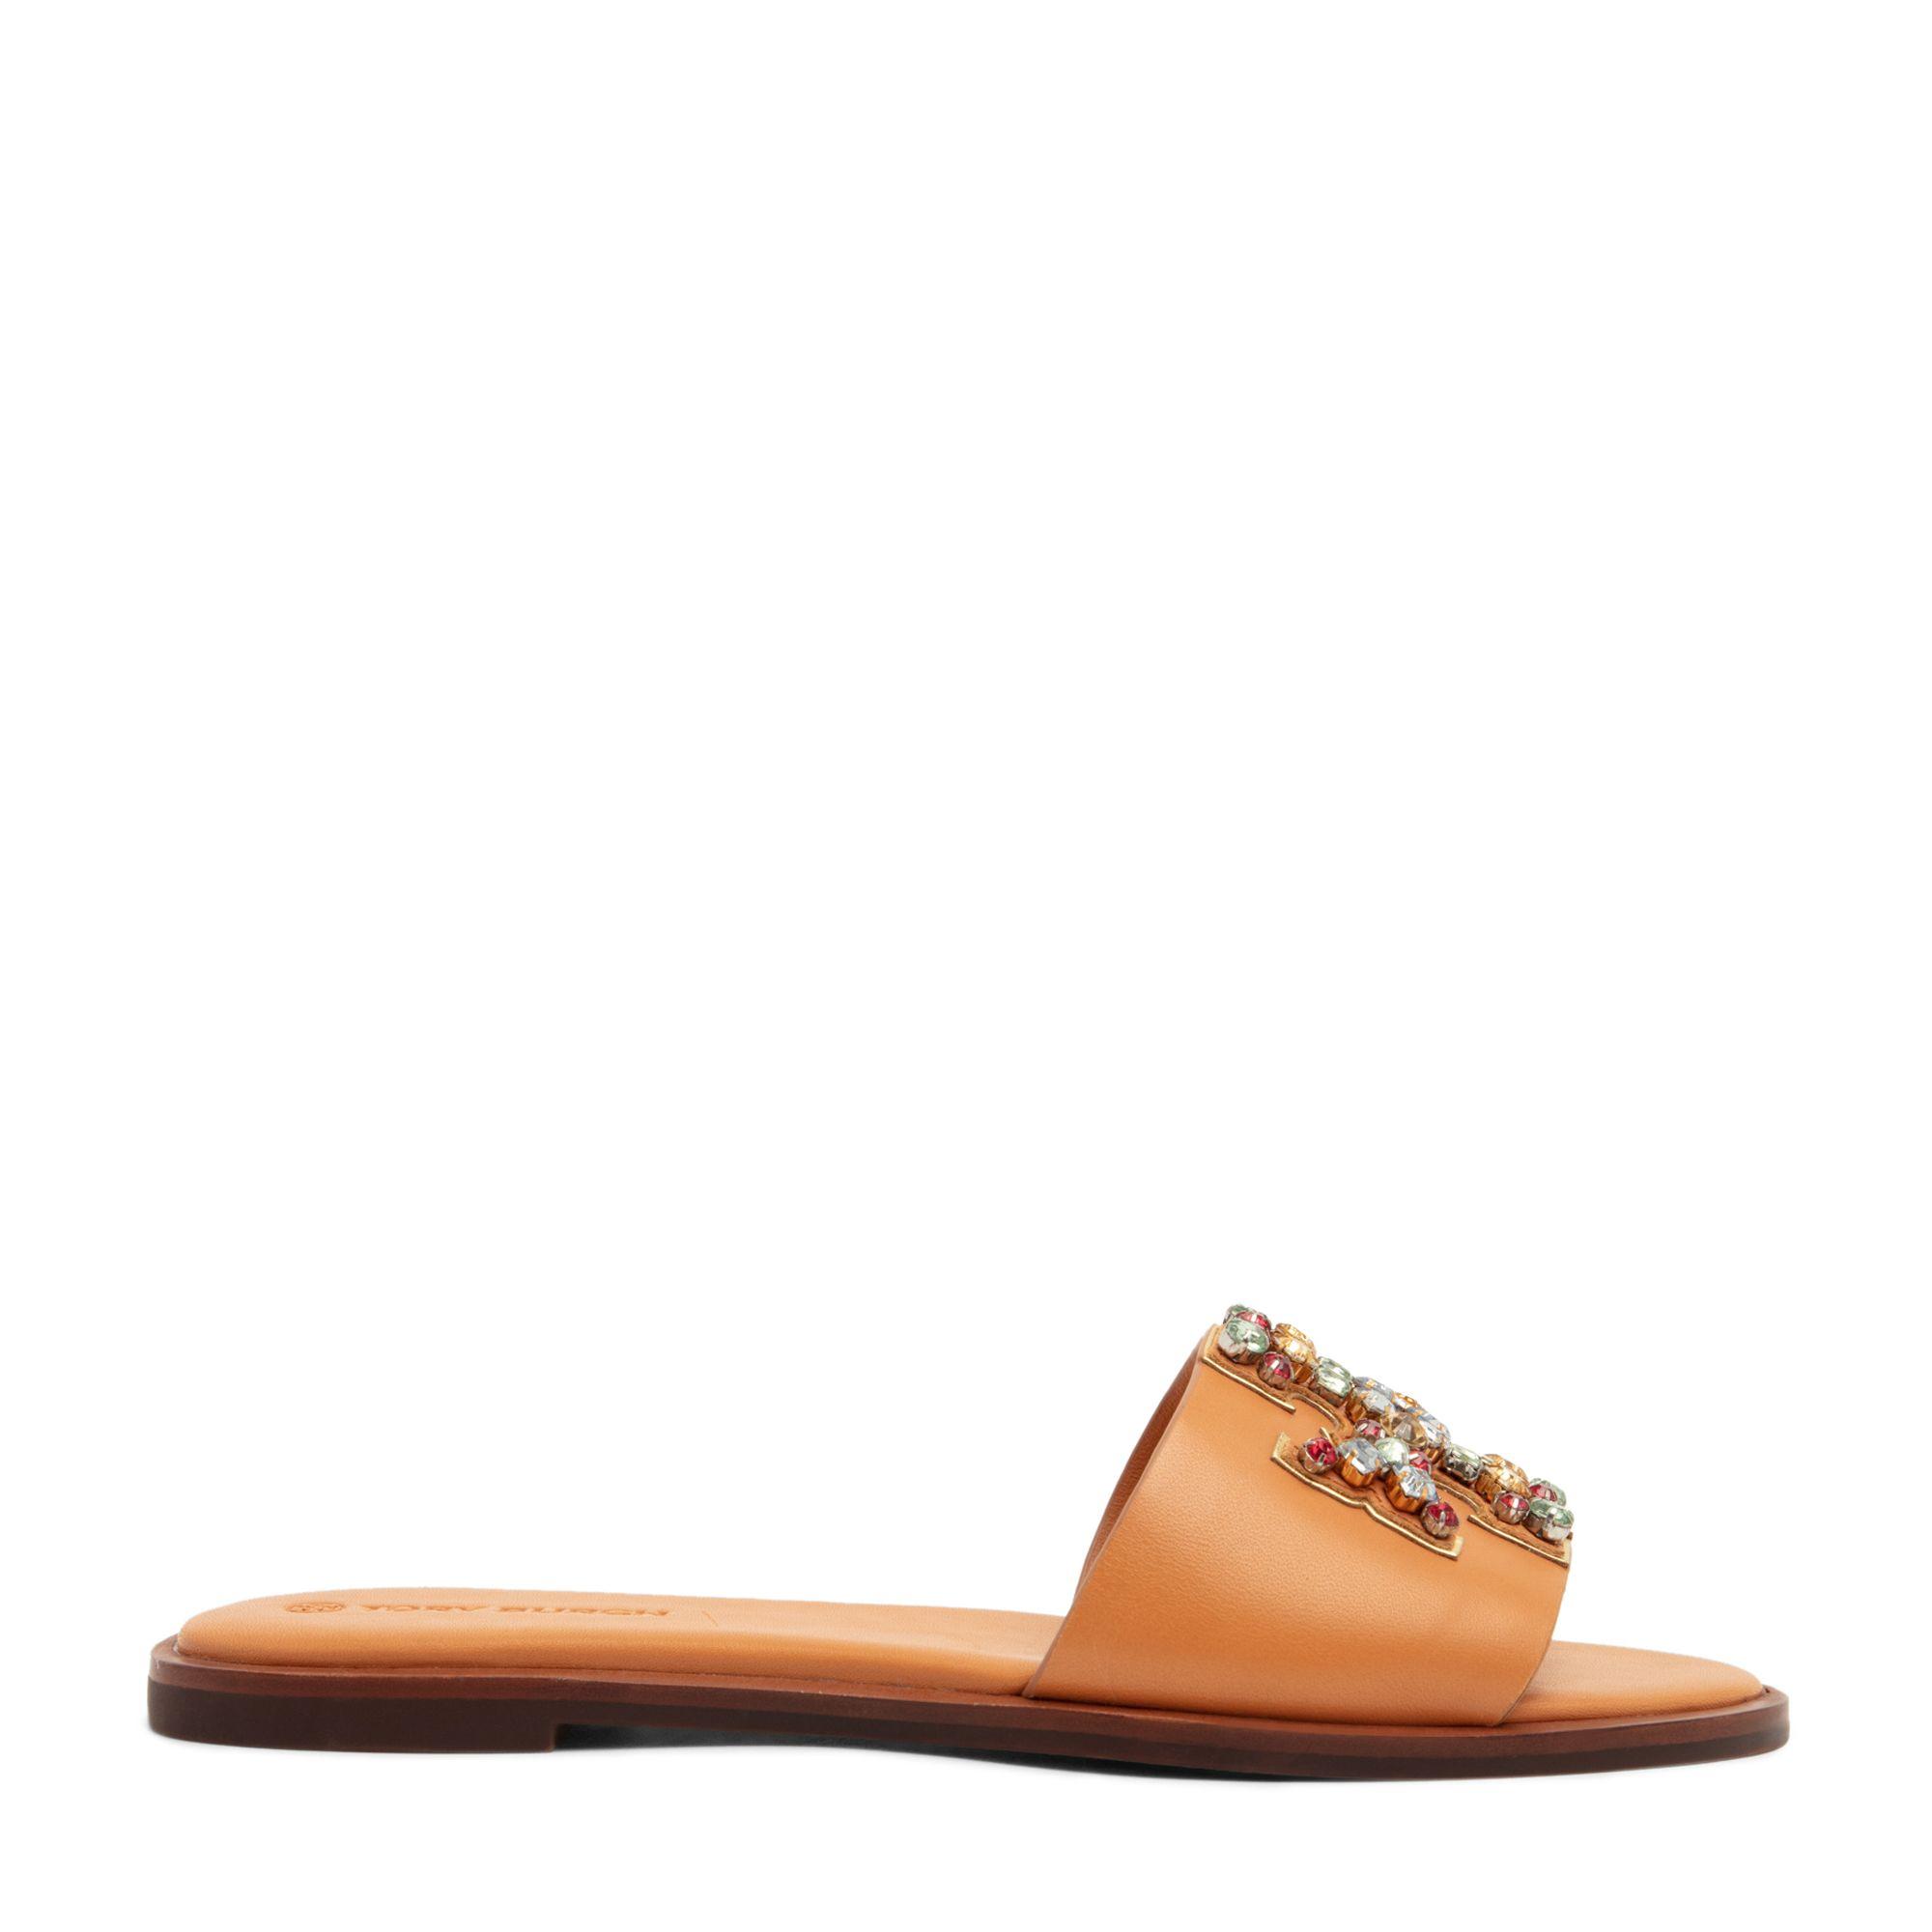 Ines flat sandals